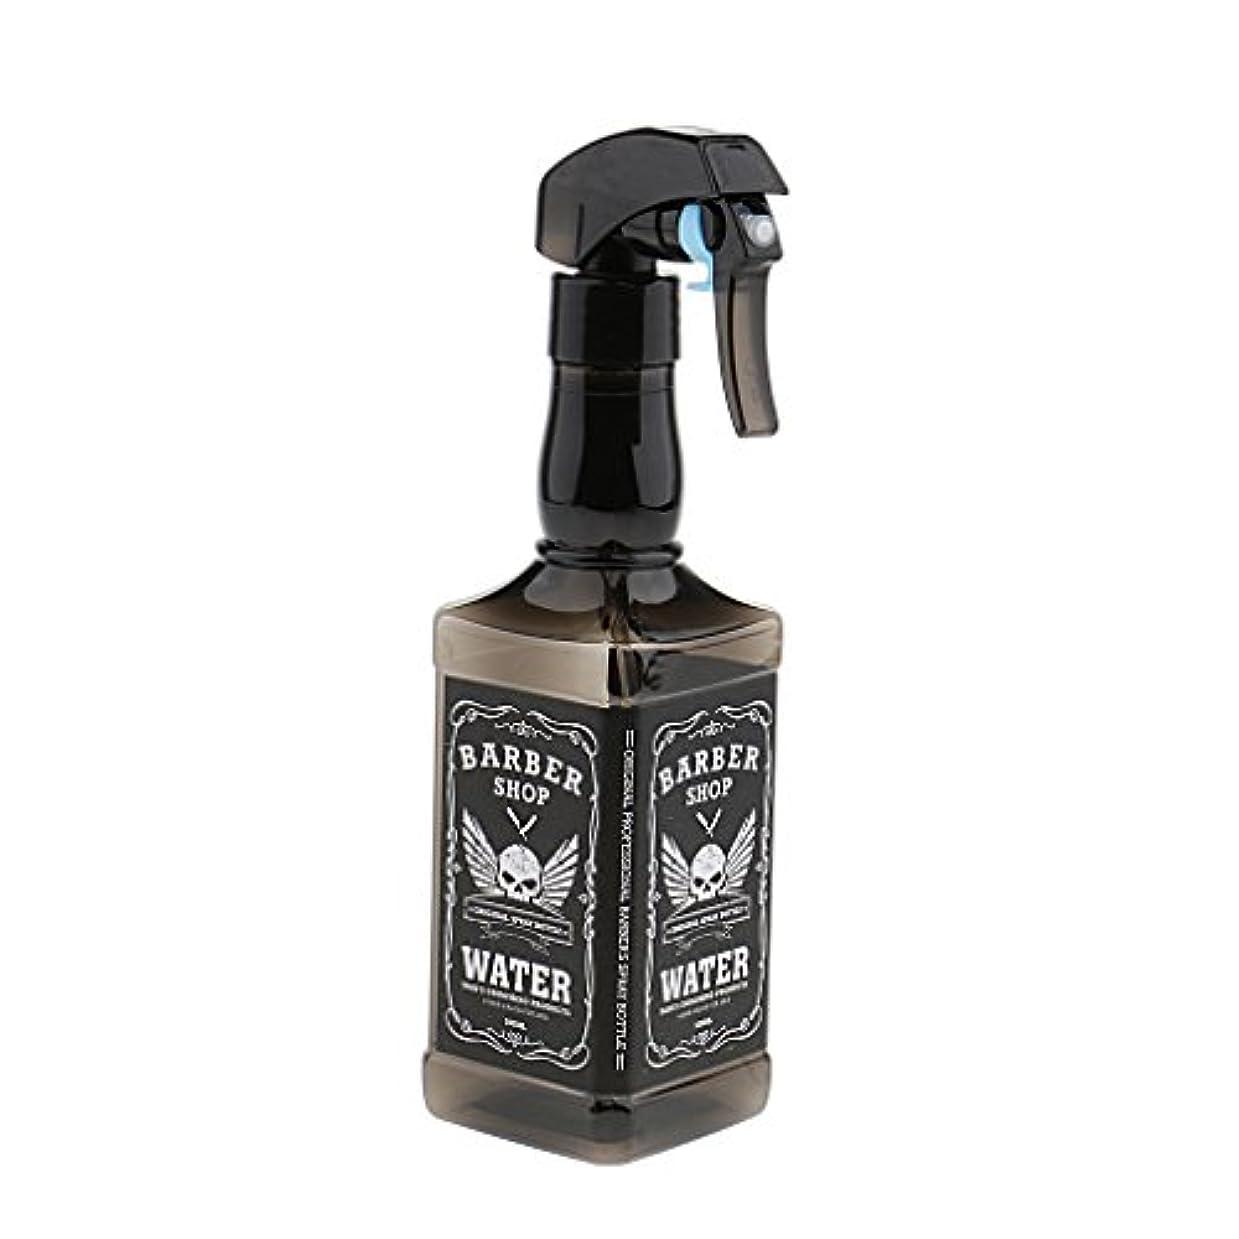 ルーフアイロニー香ばしいスプレーボトル プラスチック製 ヘアスプレー ボトル サロン 美容院 水スプレー 500ml 3色選べ - ブラック